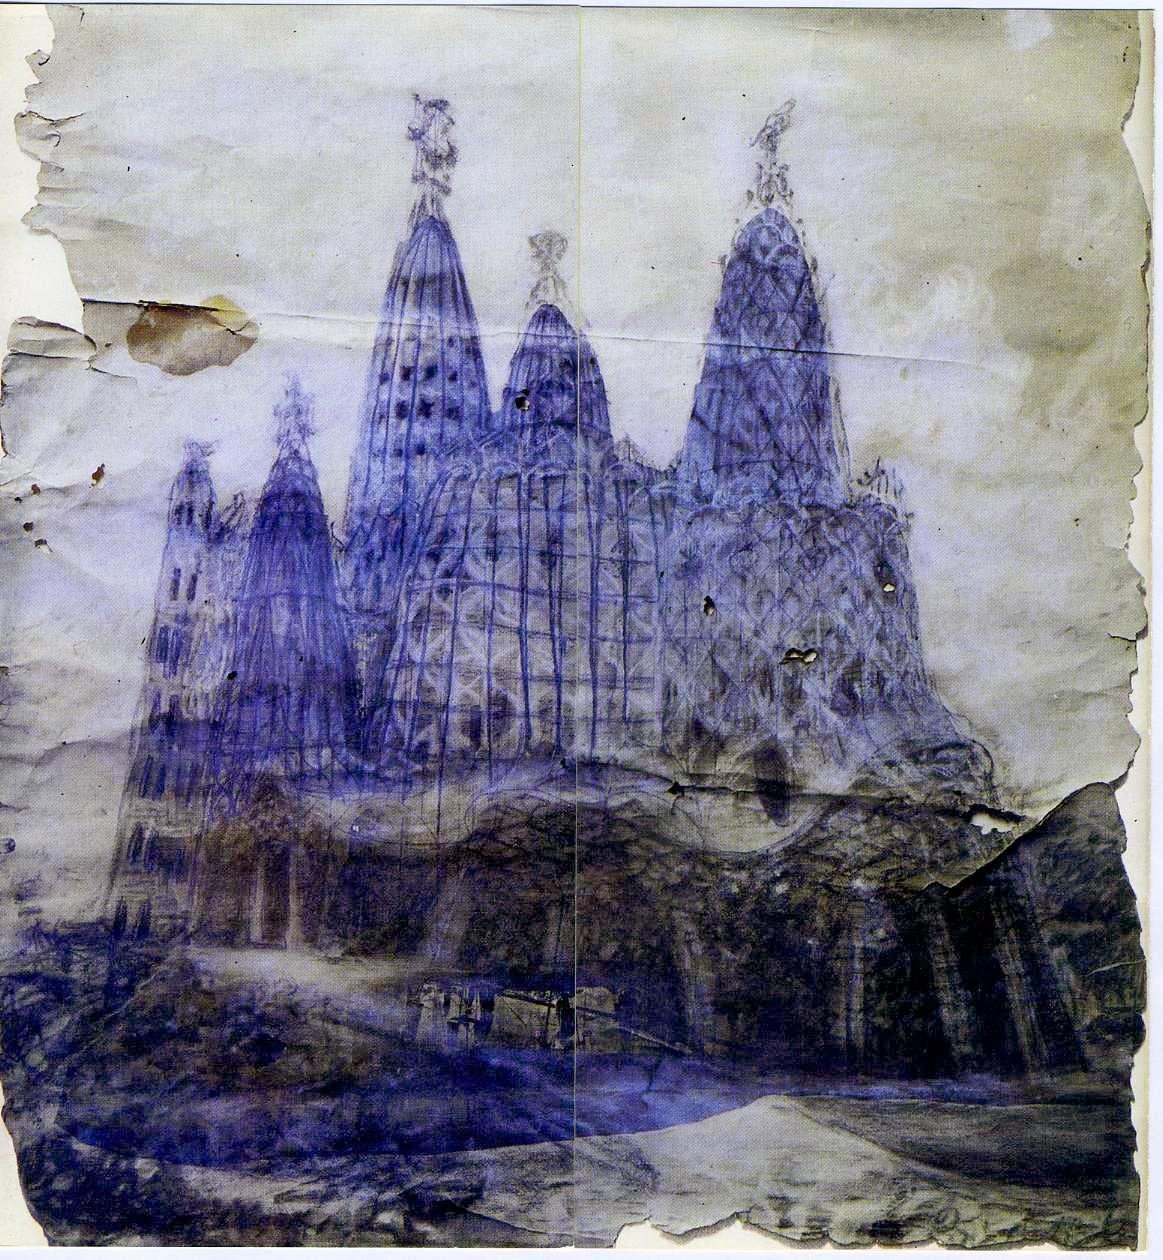 dibujo original de la cripta de la colonia Güell, Gaudí